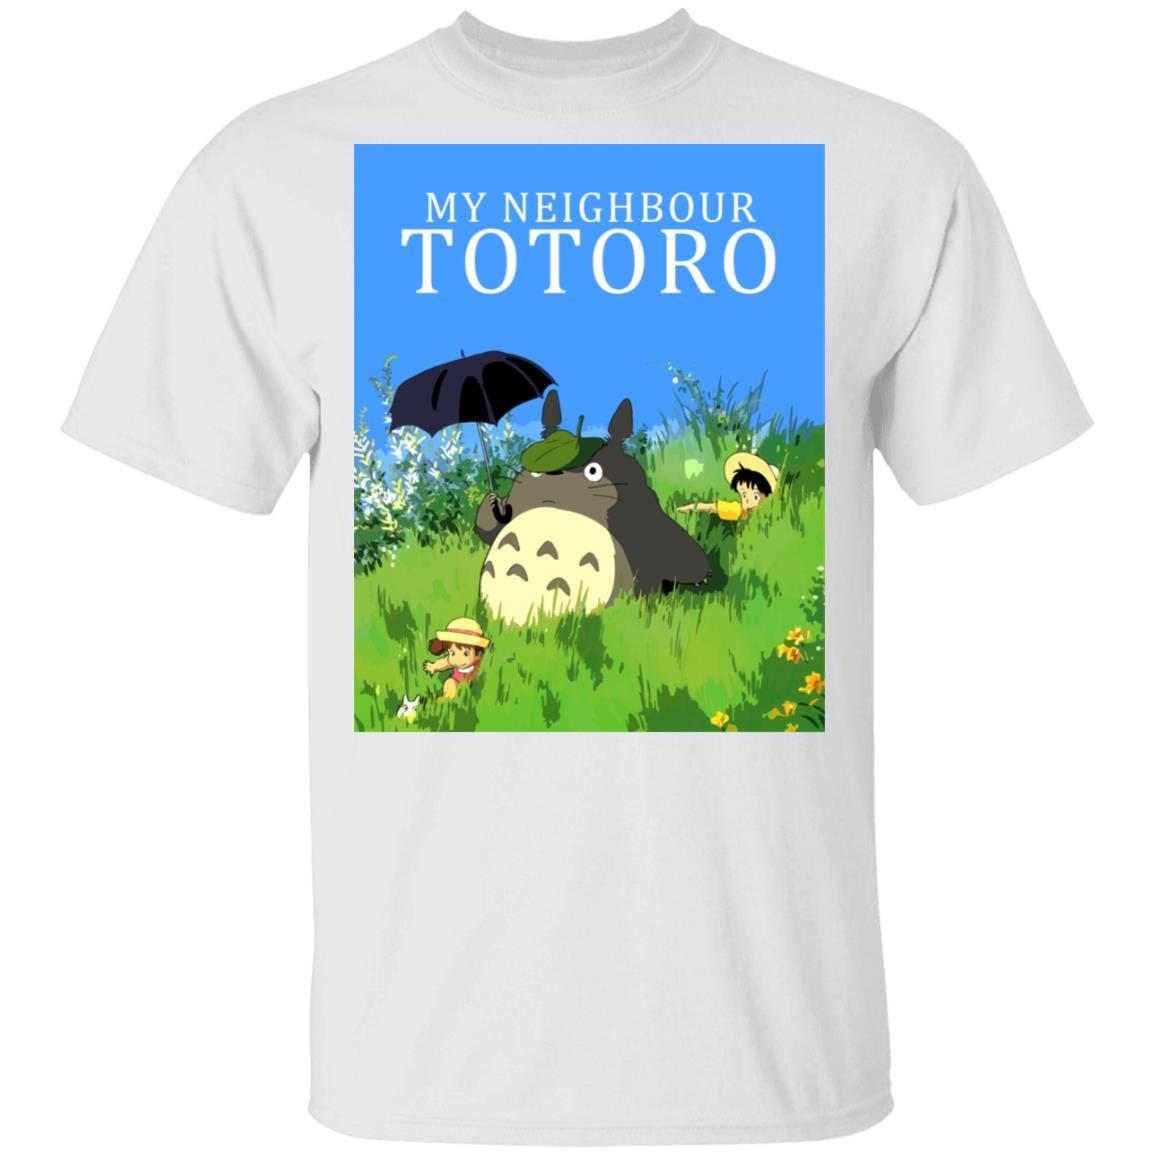 My Neighbor Totoro T Shirt Unisex